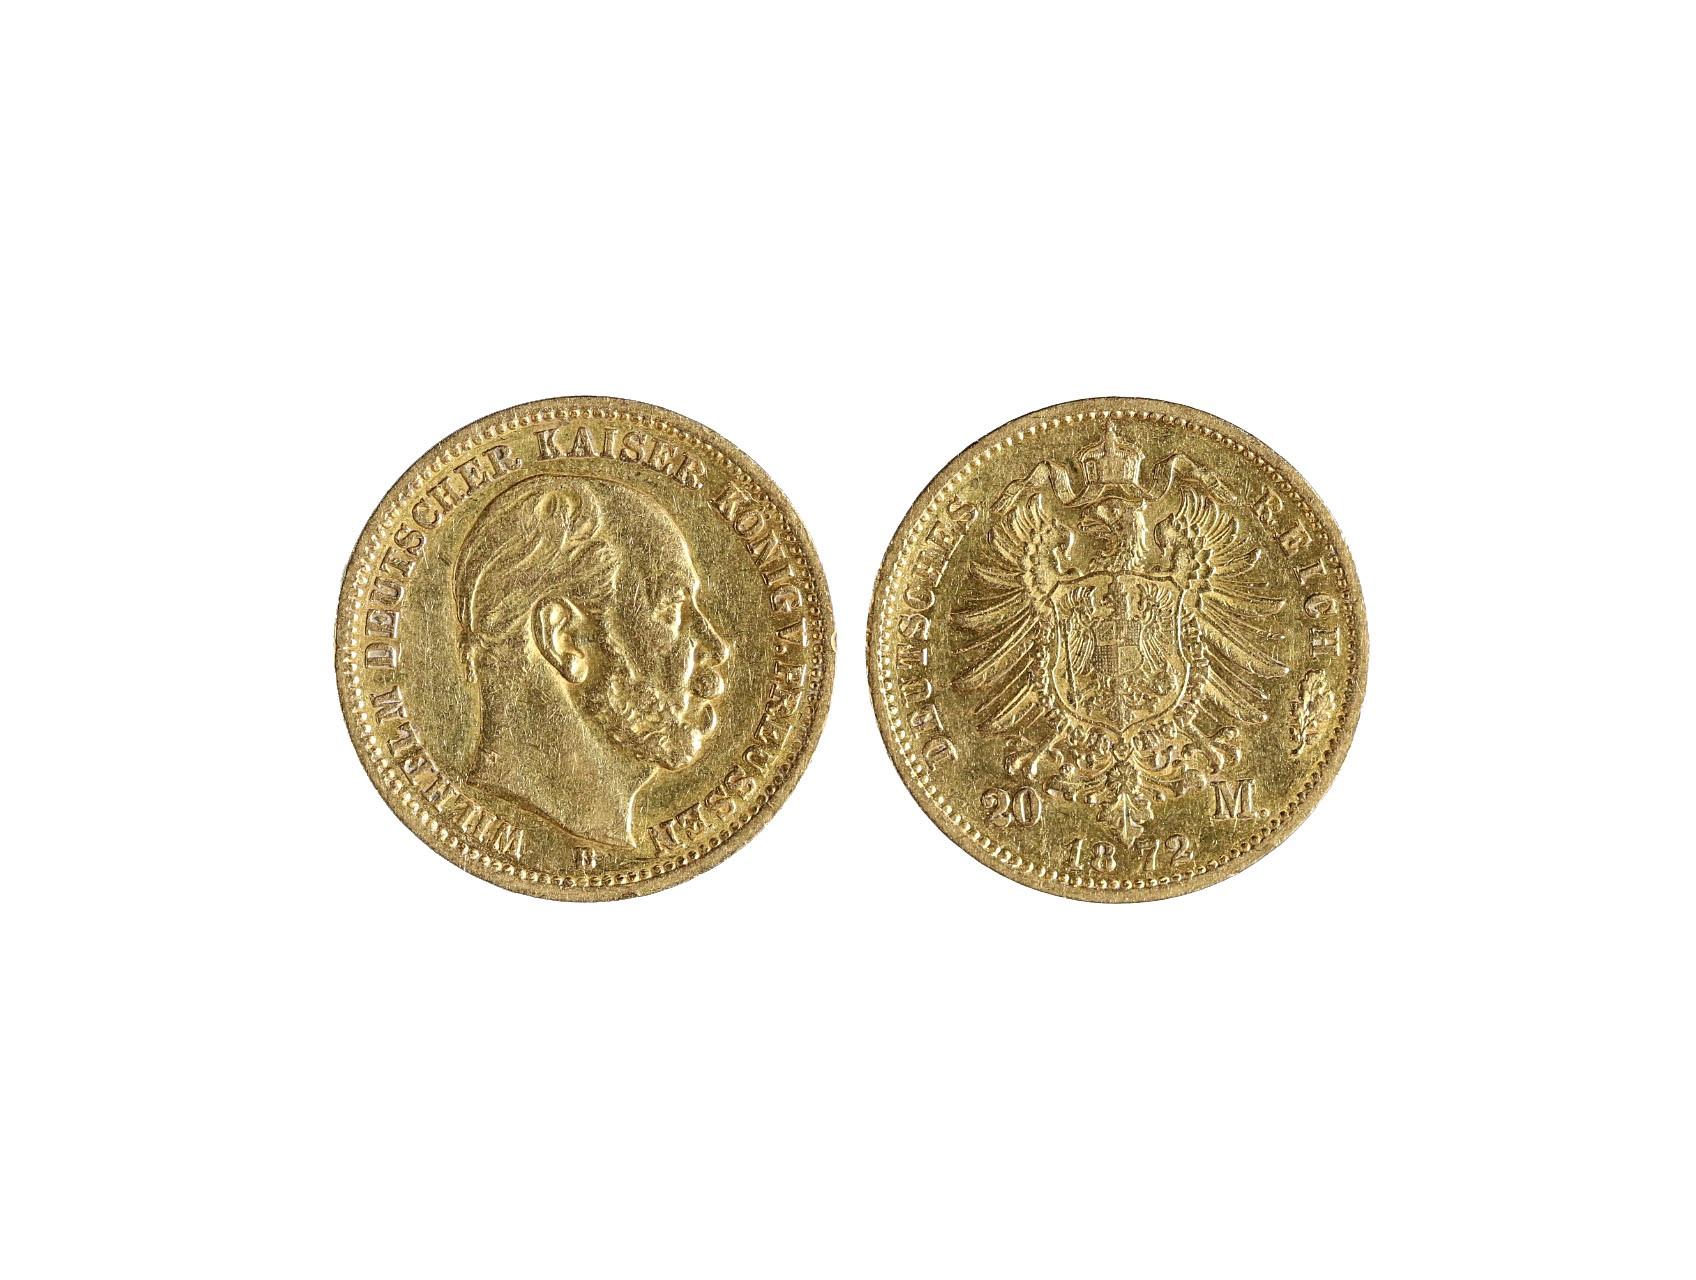 Německo-Prusko, Wilhelm I. 1861-1888 - 10 Marka 1872 A, KM.502